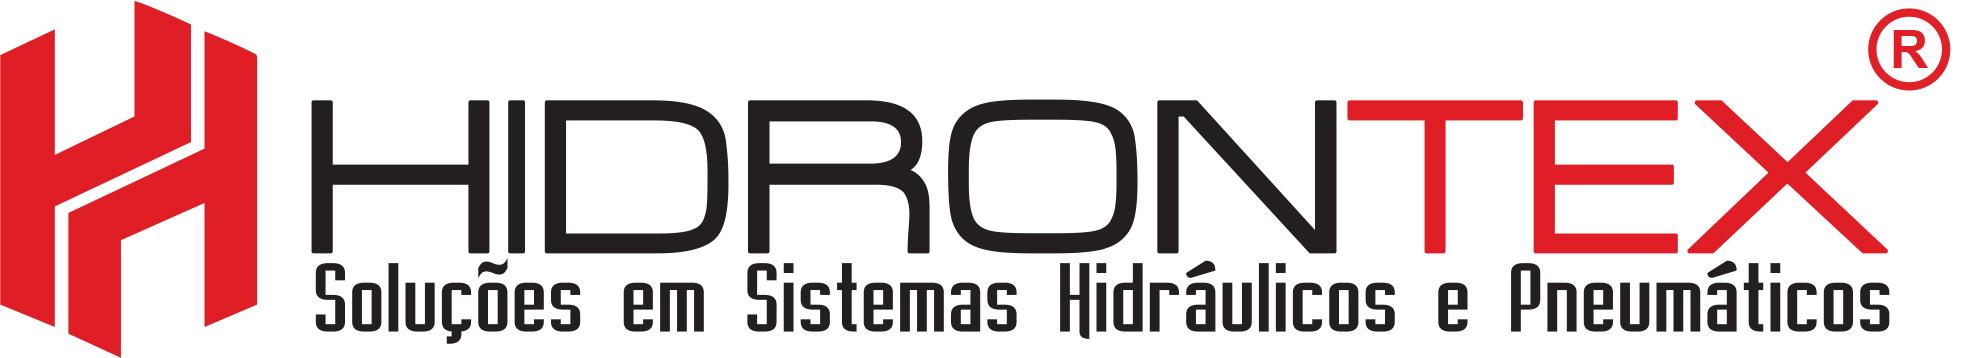 Soluções em Sistemas Hidráulicos e Pneumáticos - Hidrontex